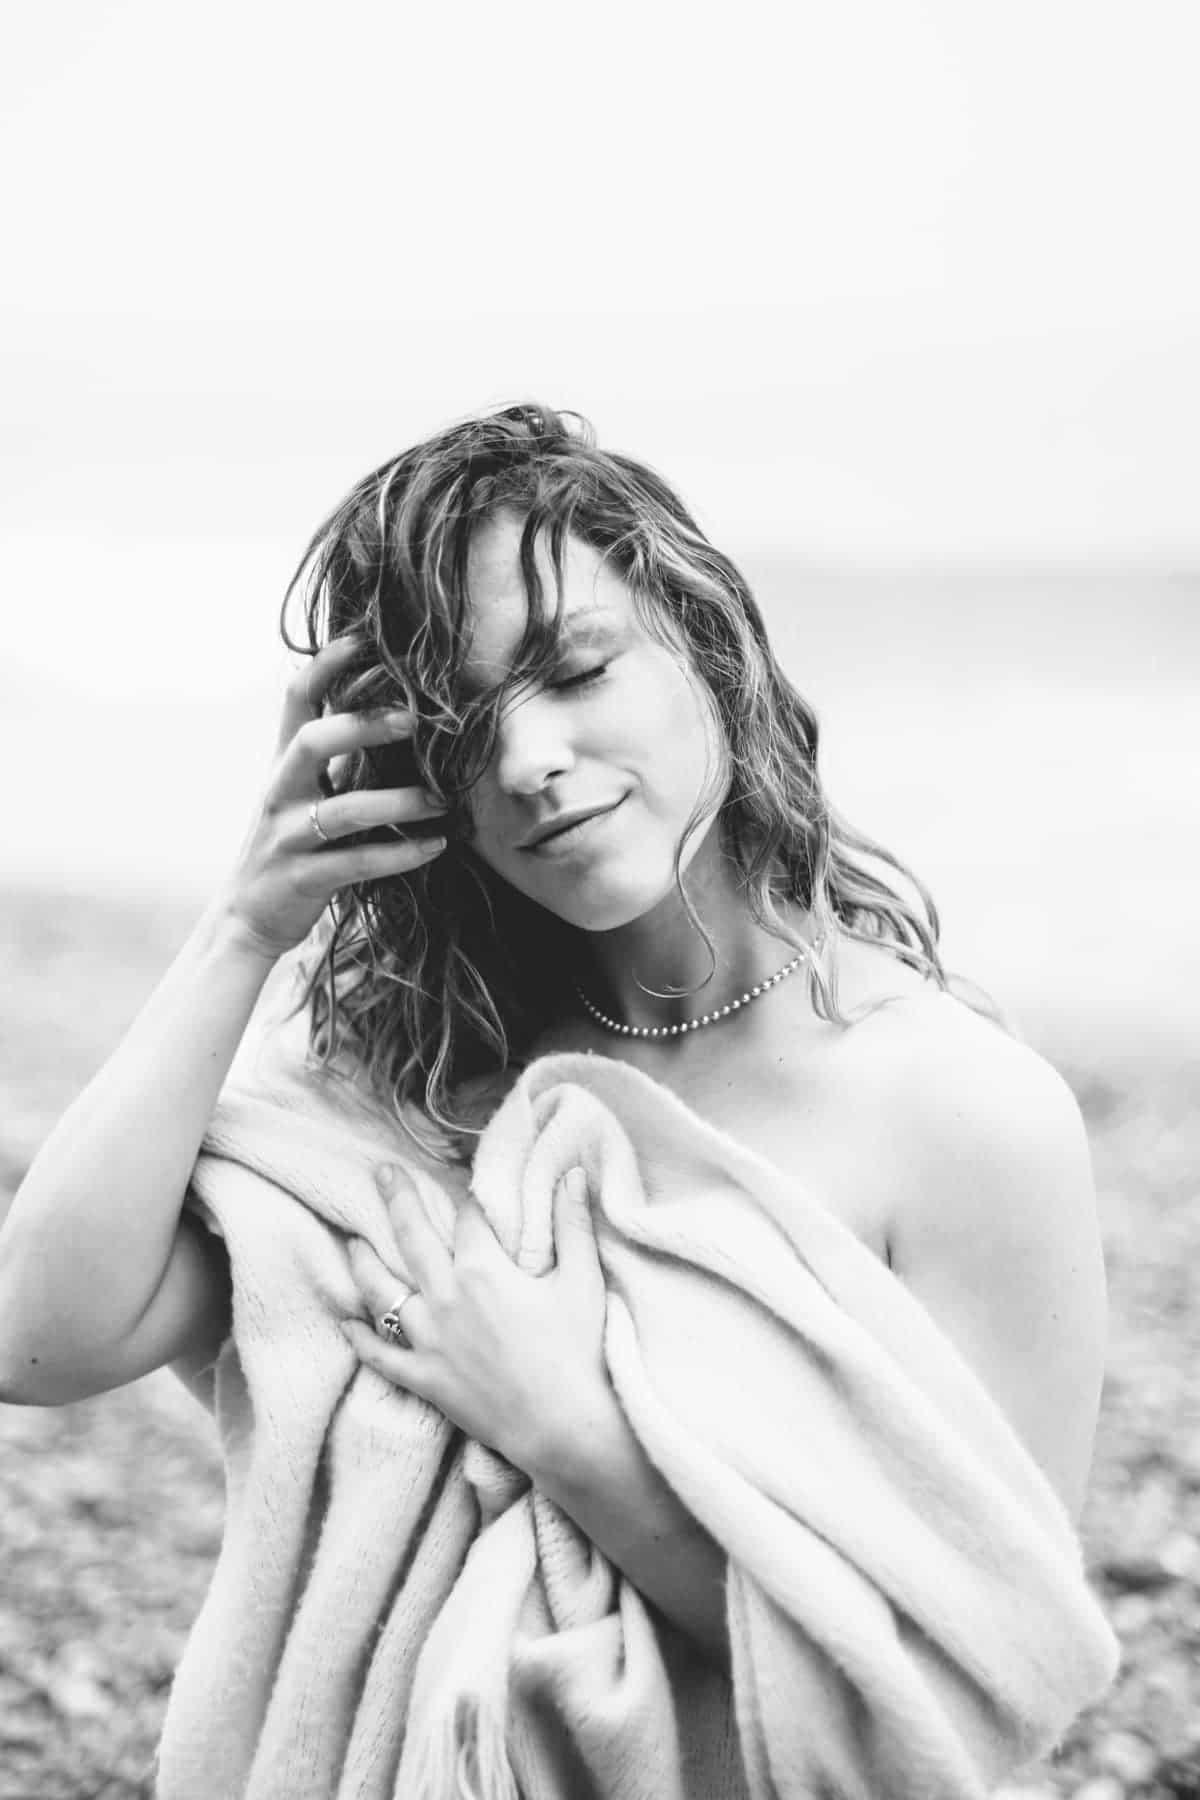 Portrait intime cheveux mouillés sous la pluie